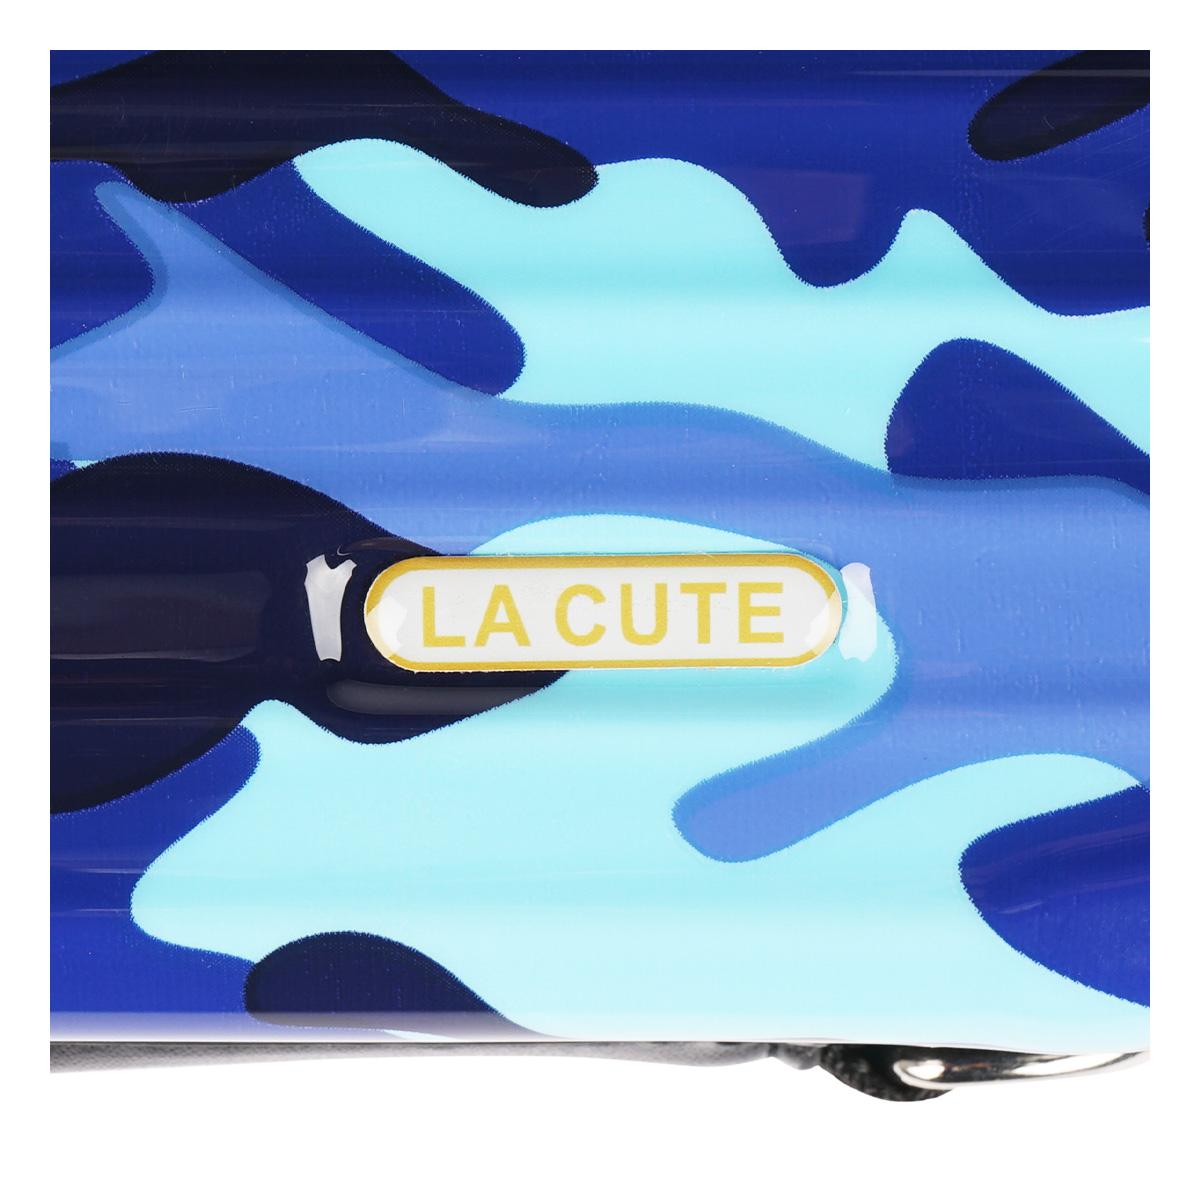 3WAYカモフラミニトランクポーチ (BLUE CAMO) LA19010003